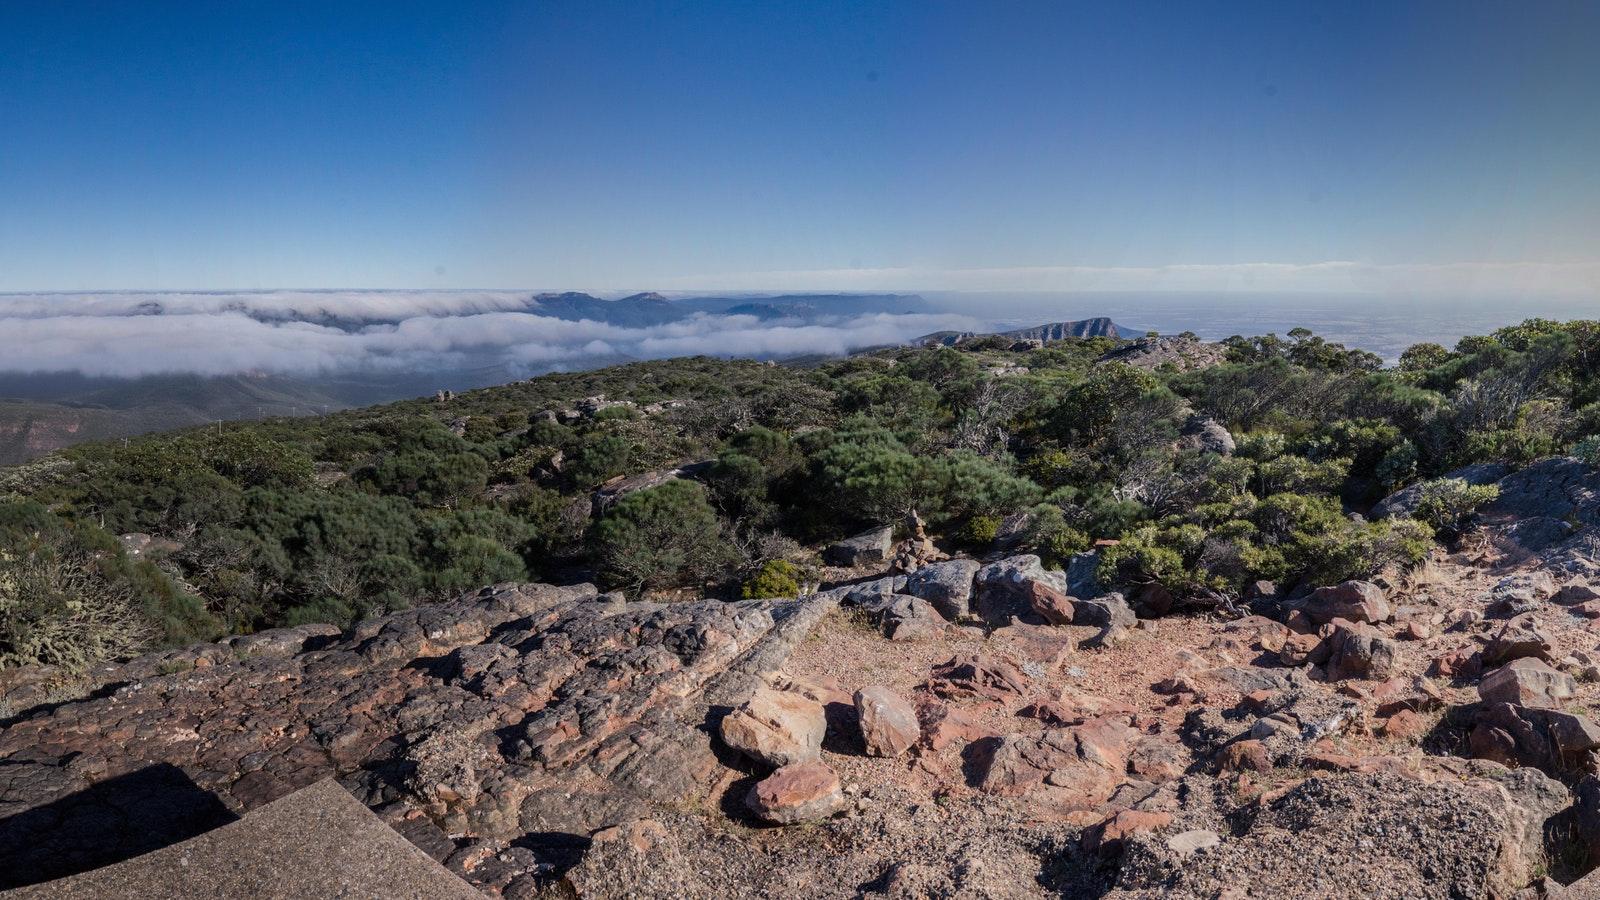 Mt. William views